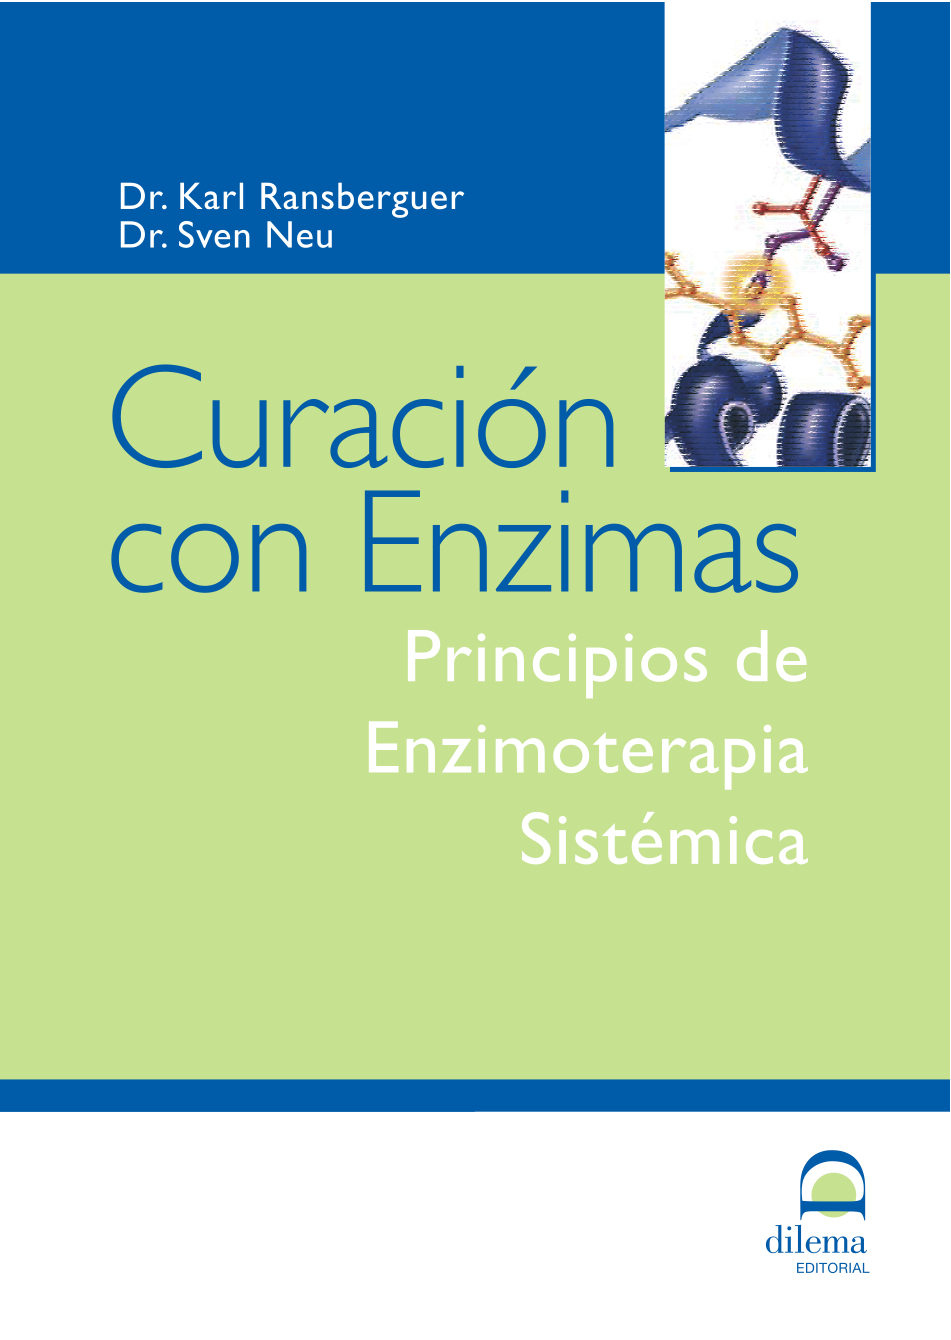 Curacion Con Enzimas: Principios De Enzimoterapia Sistemica - Ransberguer Karl